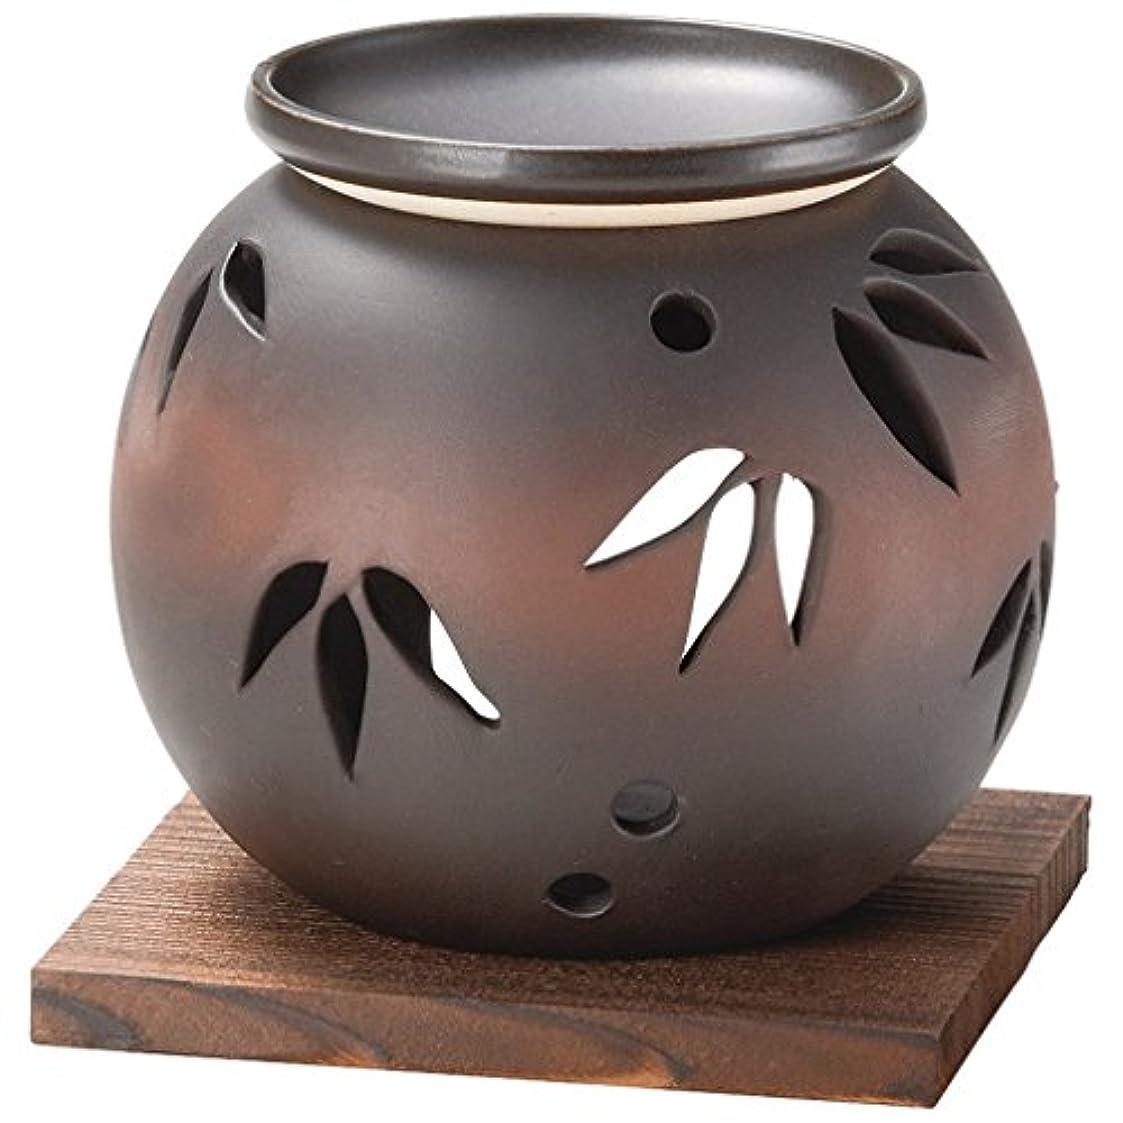 望ましいシミュレートする悪名高い山下工芸 常滑焼 茶窯変笹透かし茶香炉 11×11.5×11.5cm 13045620